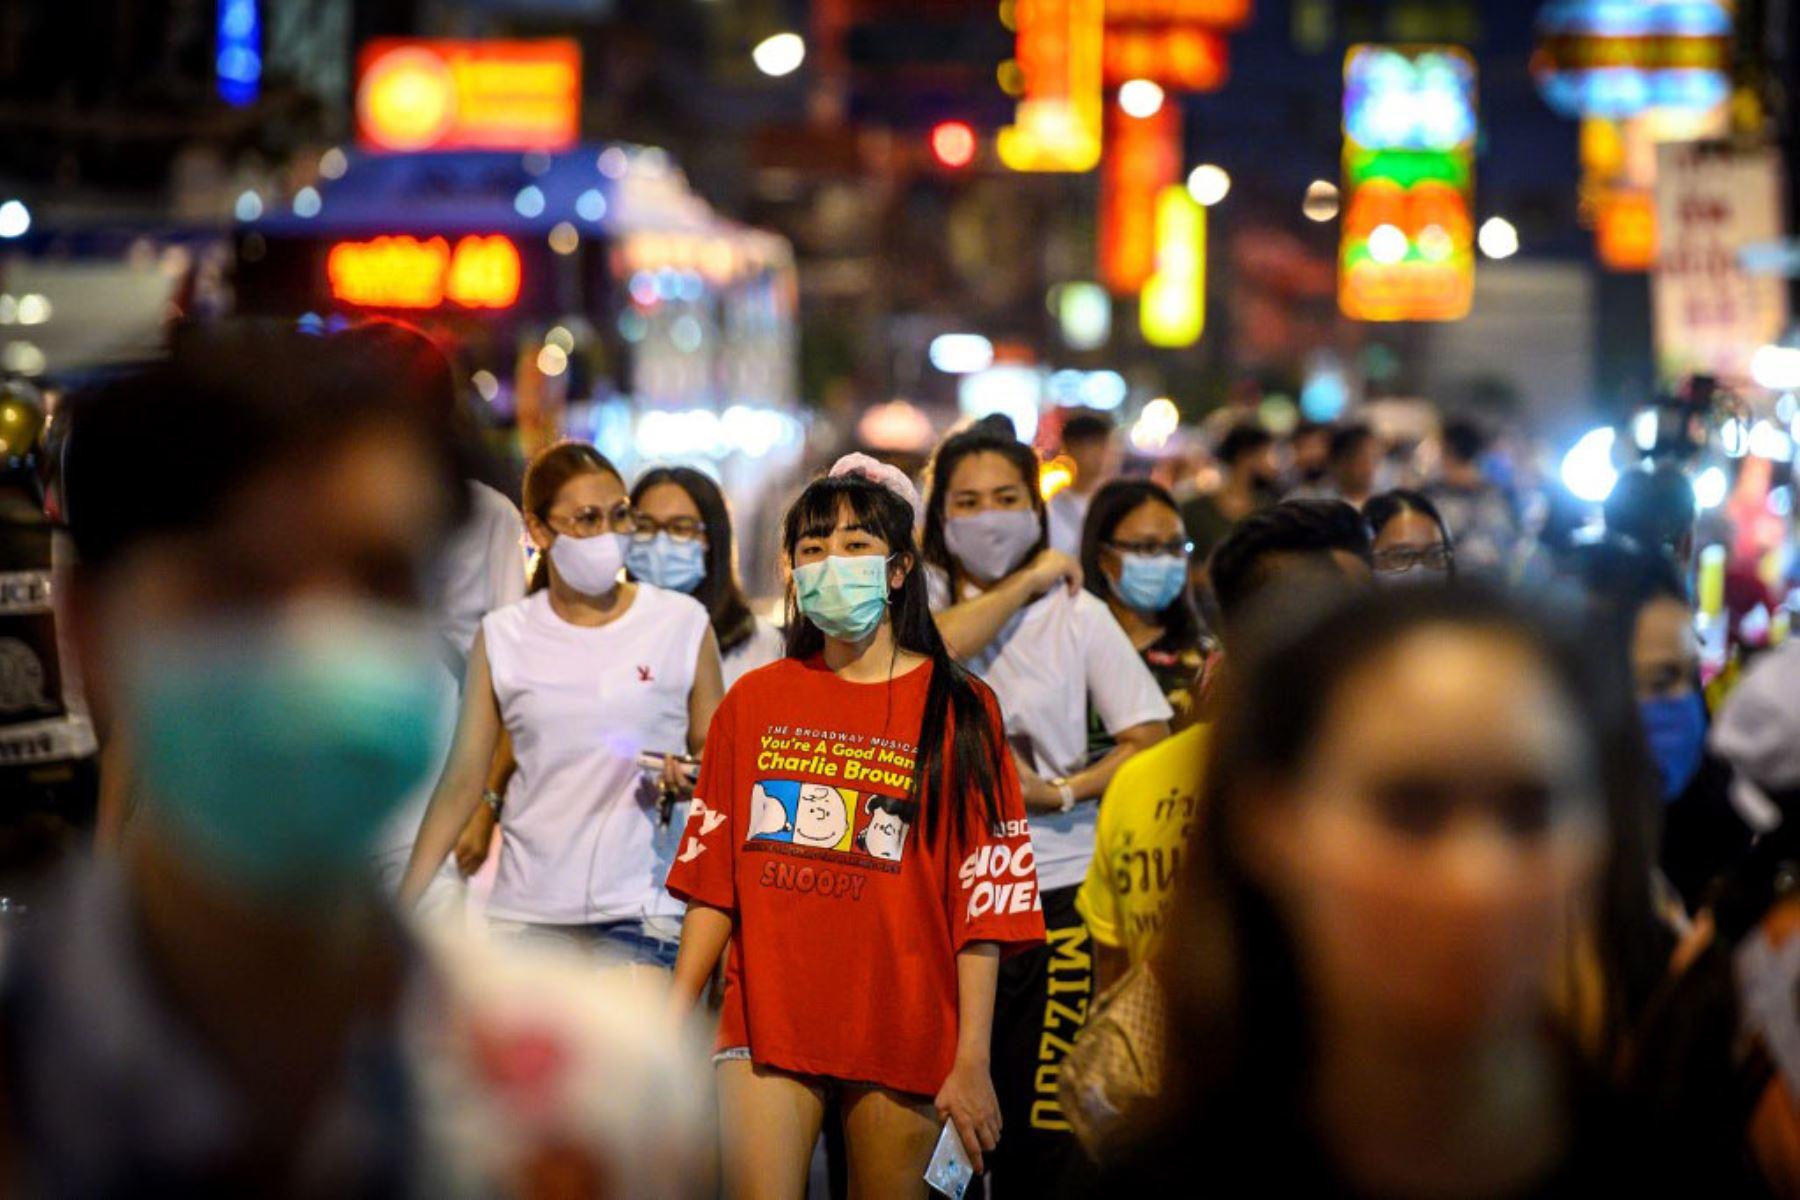 Los peatones caminan por la calle principal de Chinatown después de que el gobierno tailandés relajó las medidas para combatir la propagación del nuevo coronavirus COVID-19, en Bangkok. Foto: AFP